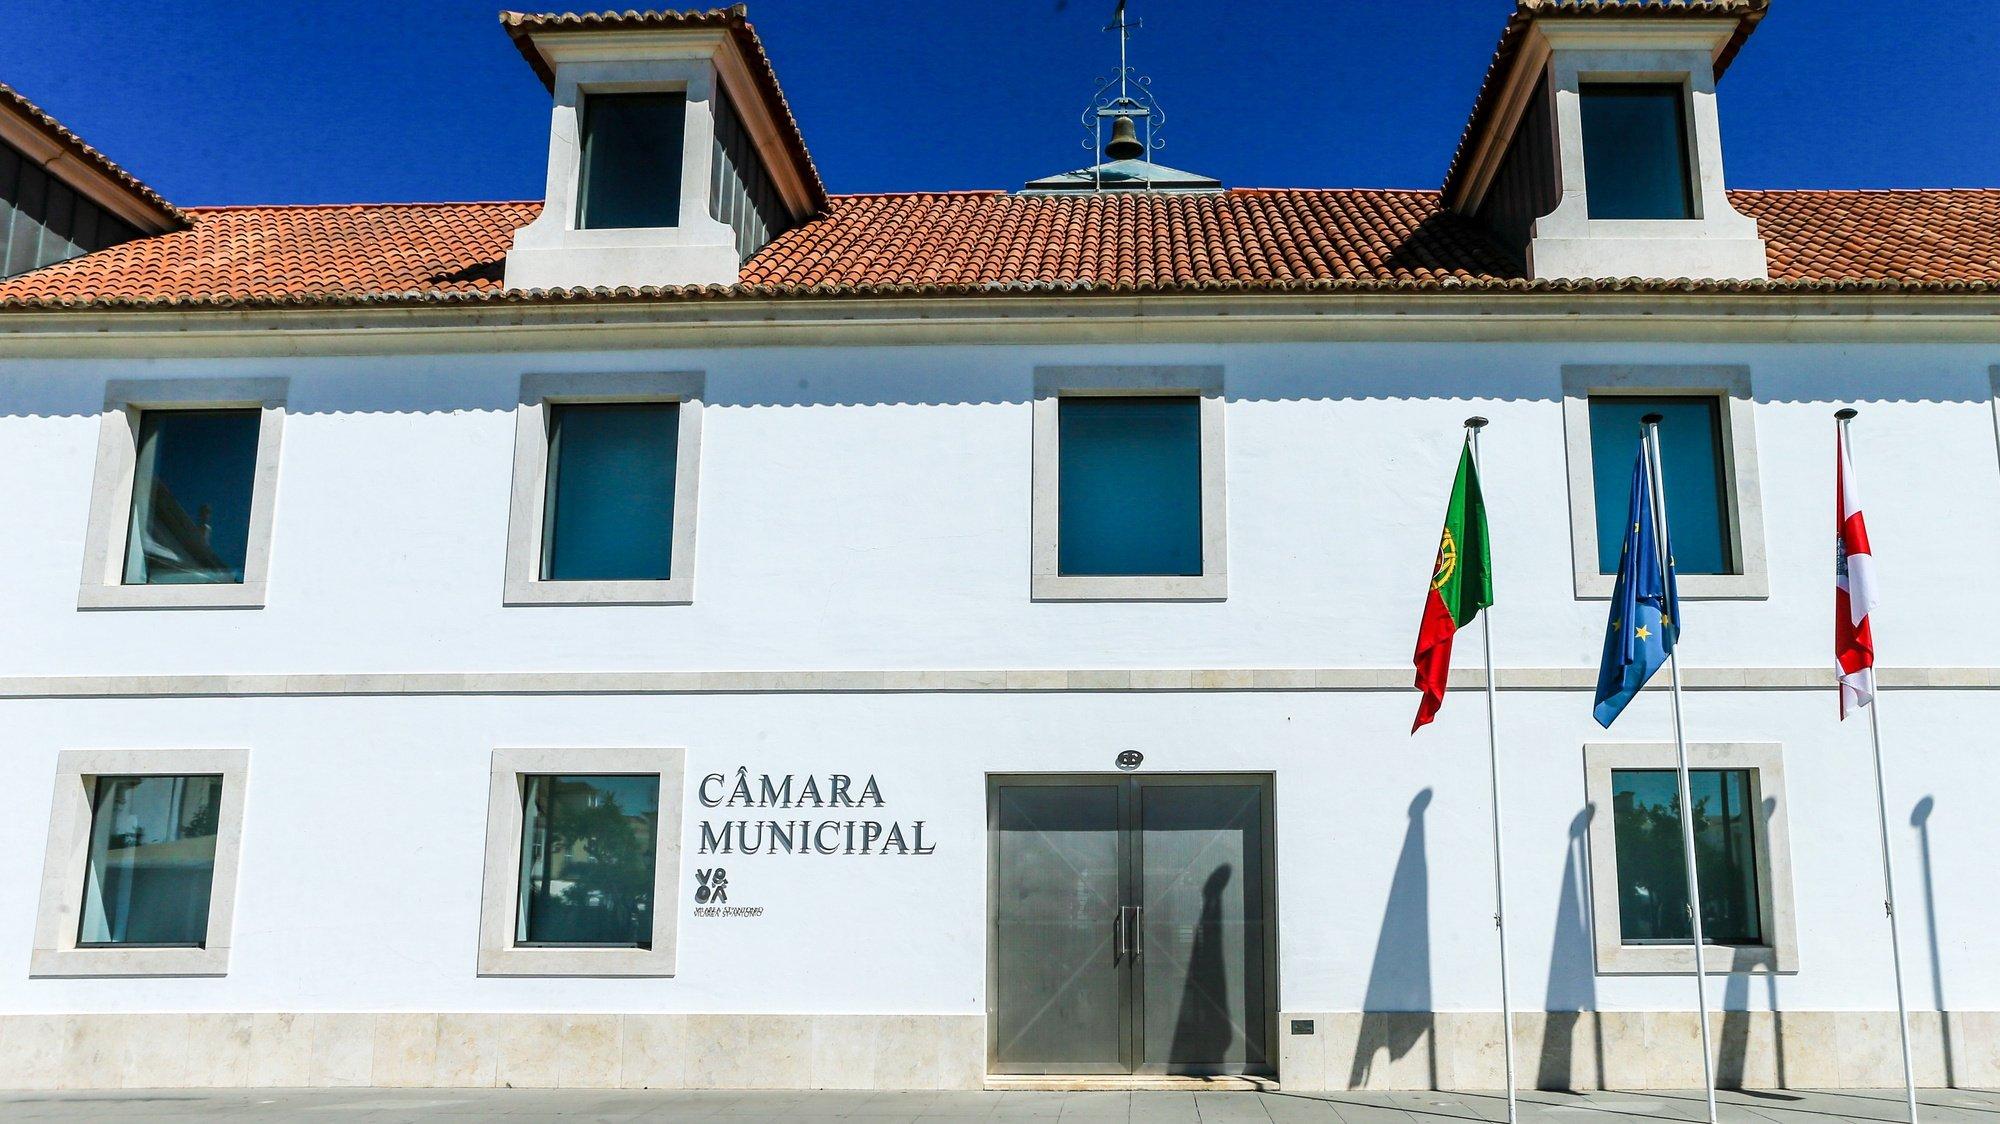 Edifício da Câmara Municipal de Vila Real de Santo António, 17 de setembro de 2017. LUÍS FORRA/LUSA